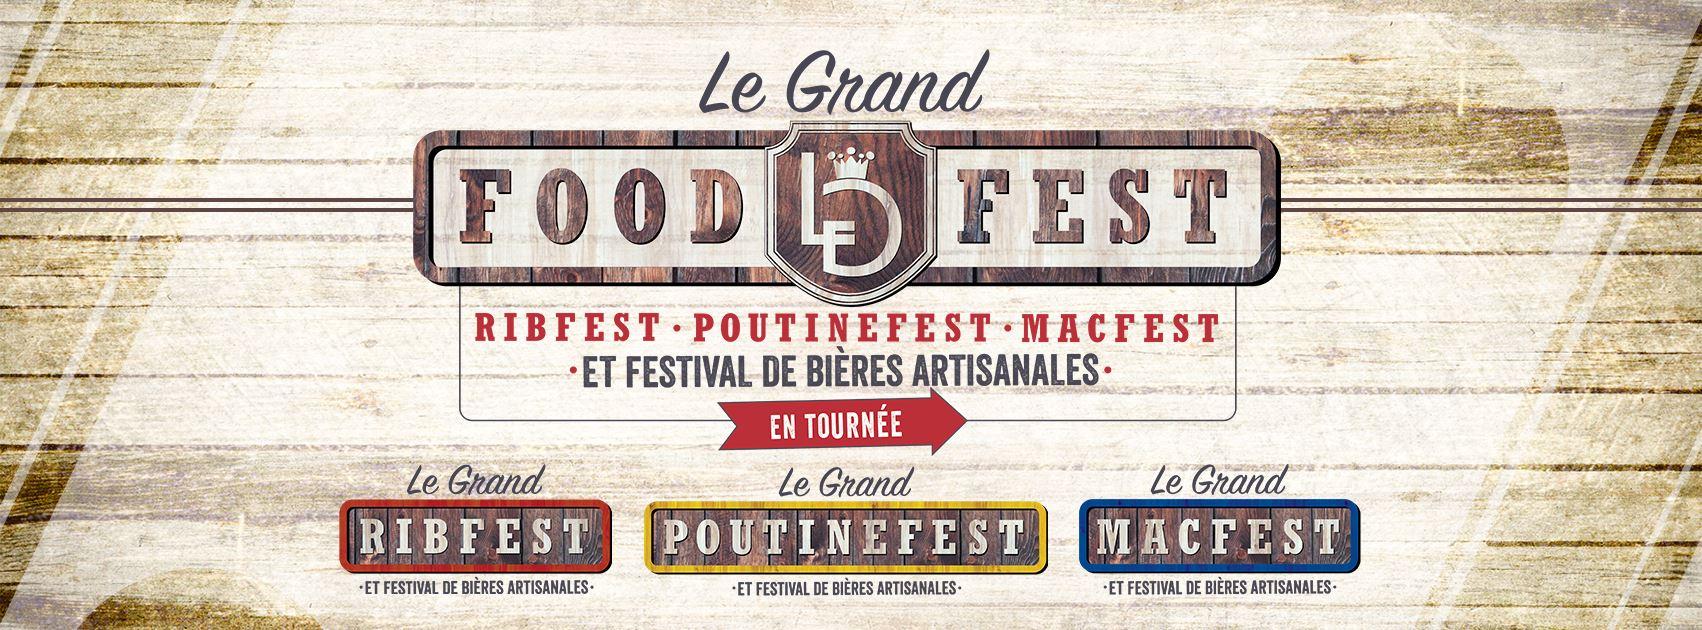 Le Grand Food Fest à Granby